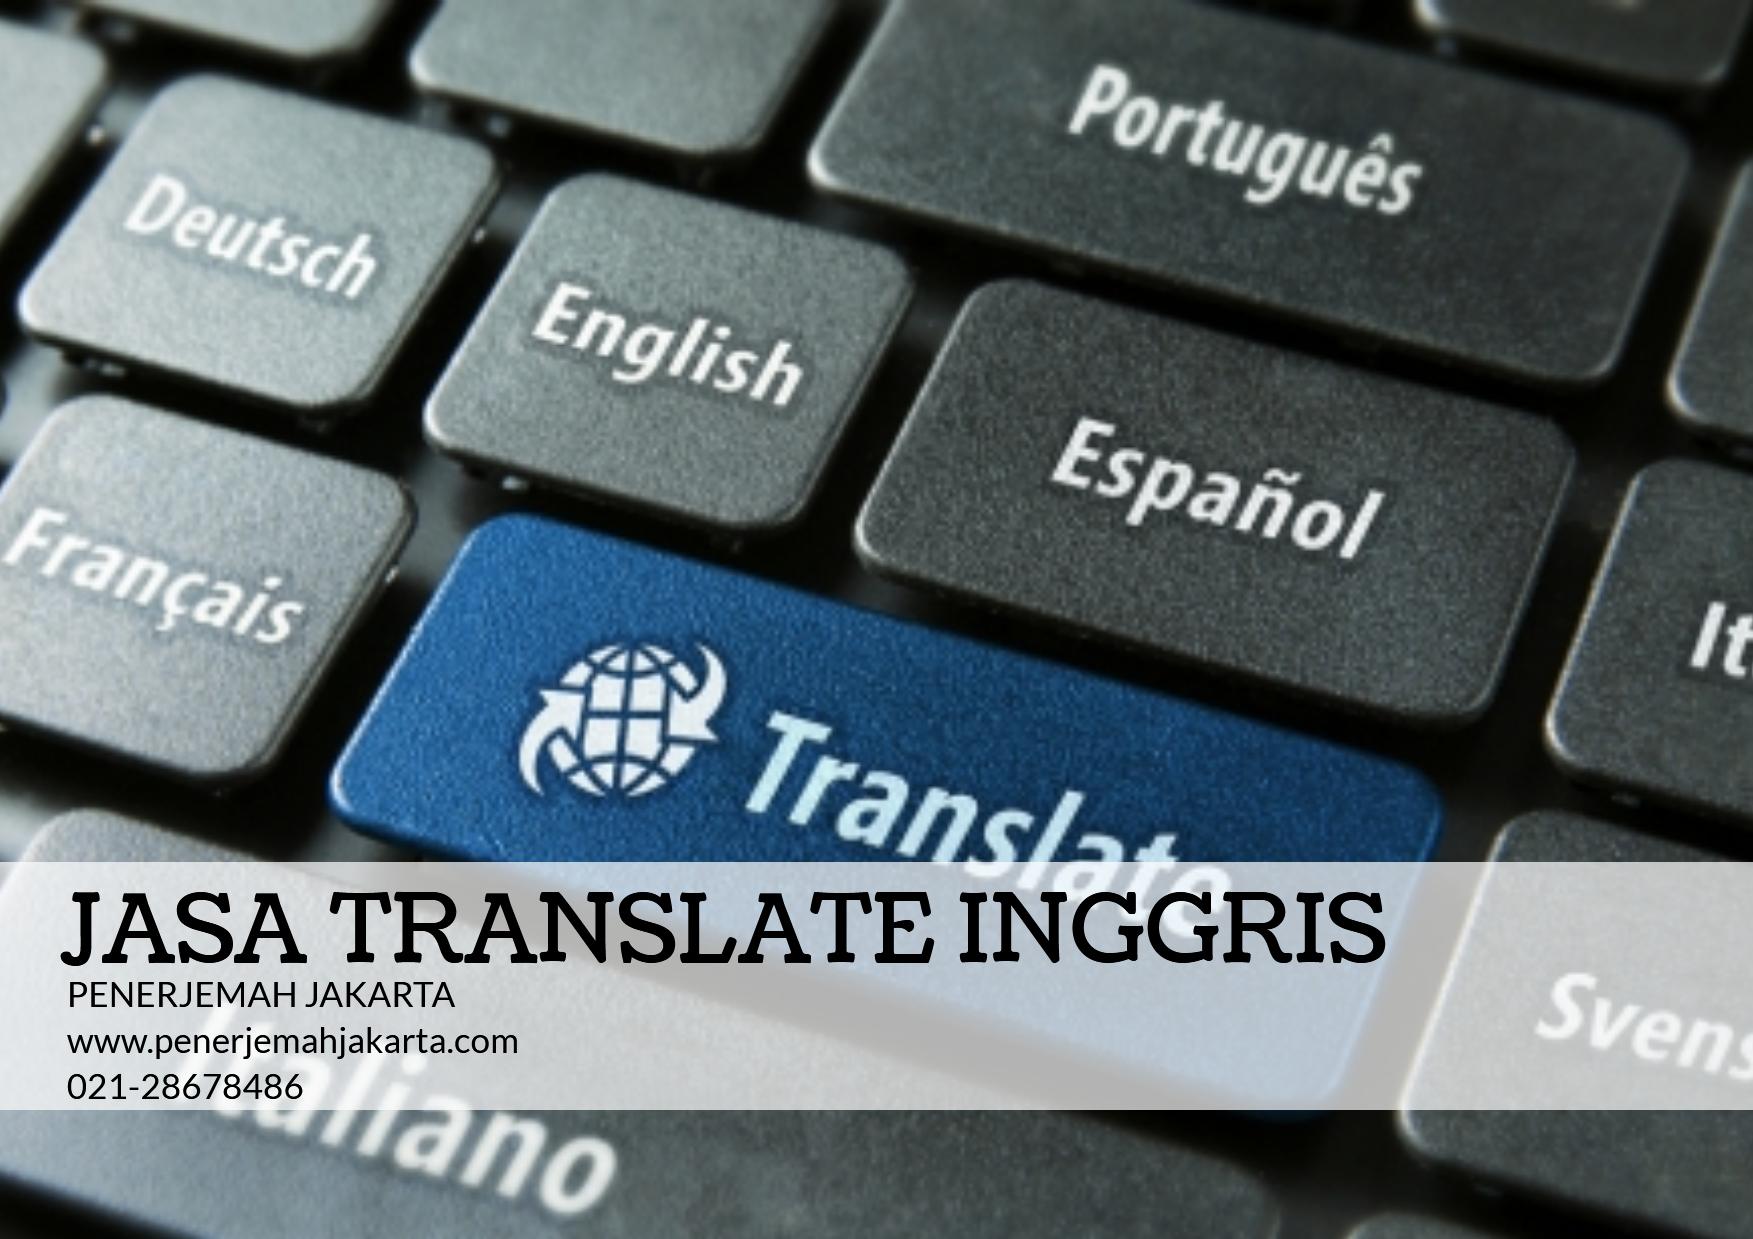 Jasa Translate Inggris